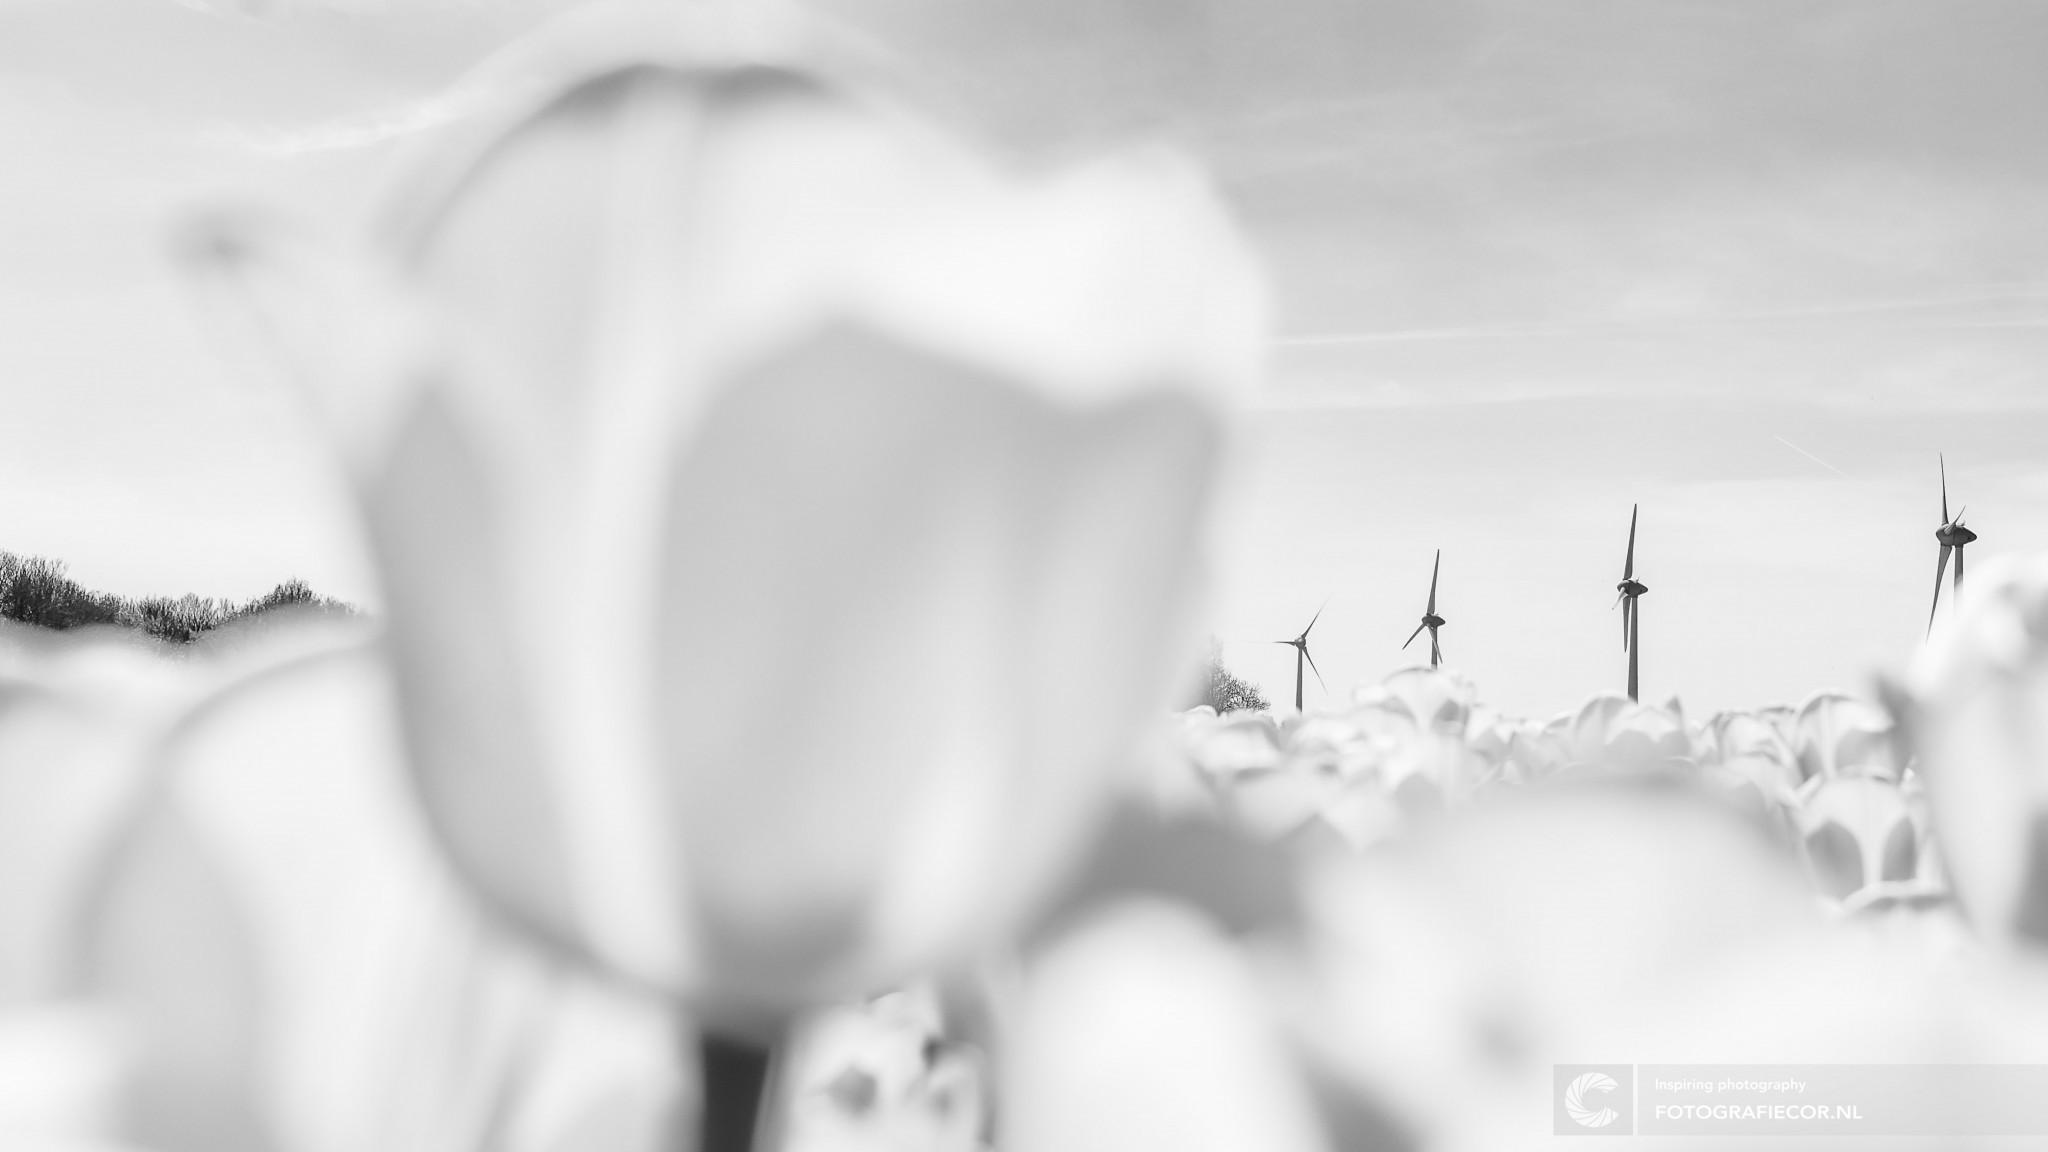 Zwart-wit | windmolens | Nop | tulpen | Tulpenfestival Noordoostpolder | Landschap orgineel fotograferen door fotograaf uit Kampen